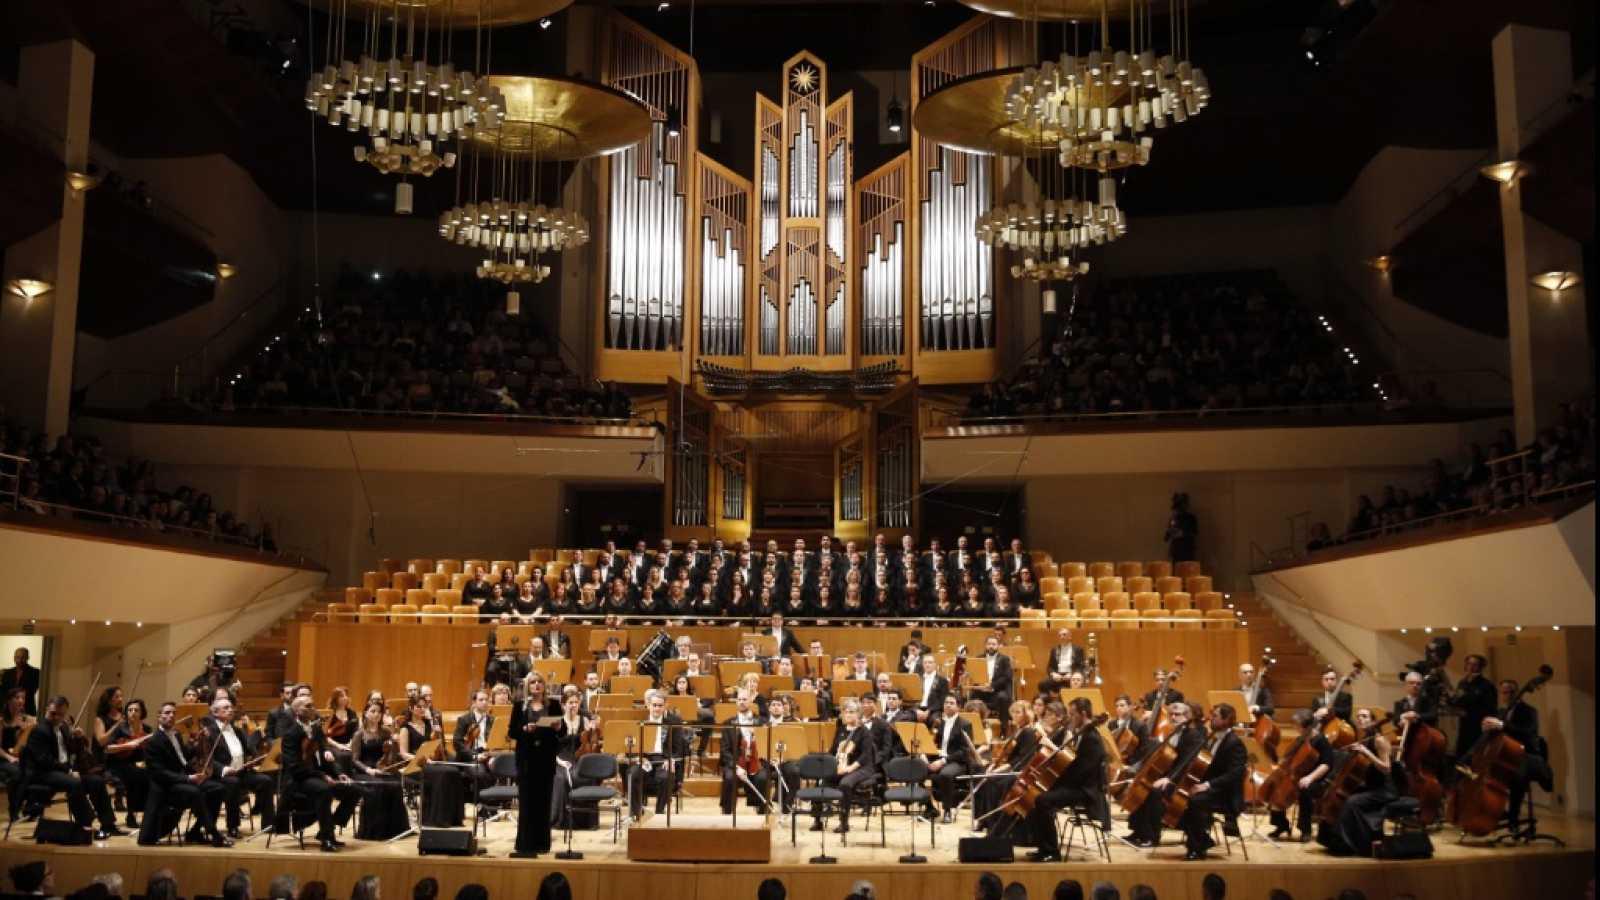 XVI concierto In Memoriam Homenaje a las víctimas del terrorismo - VER AHORA